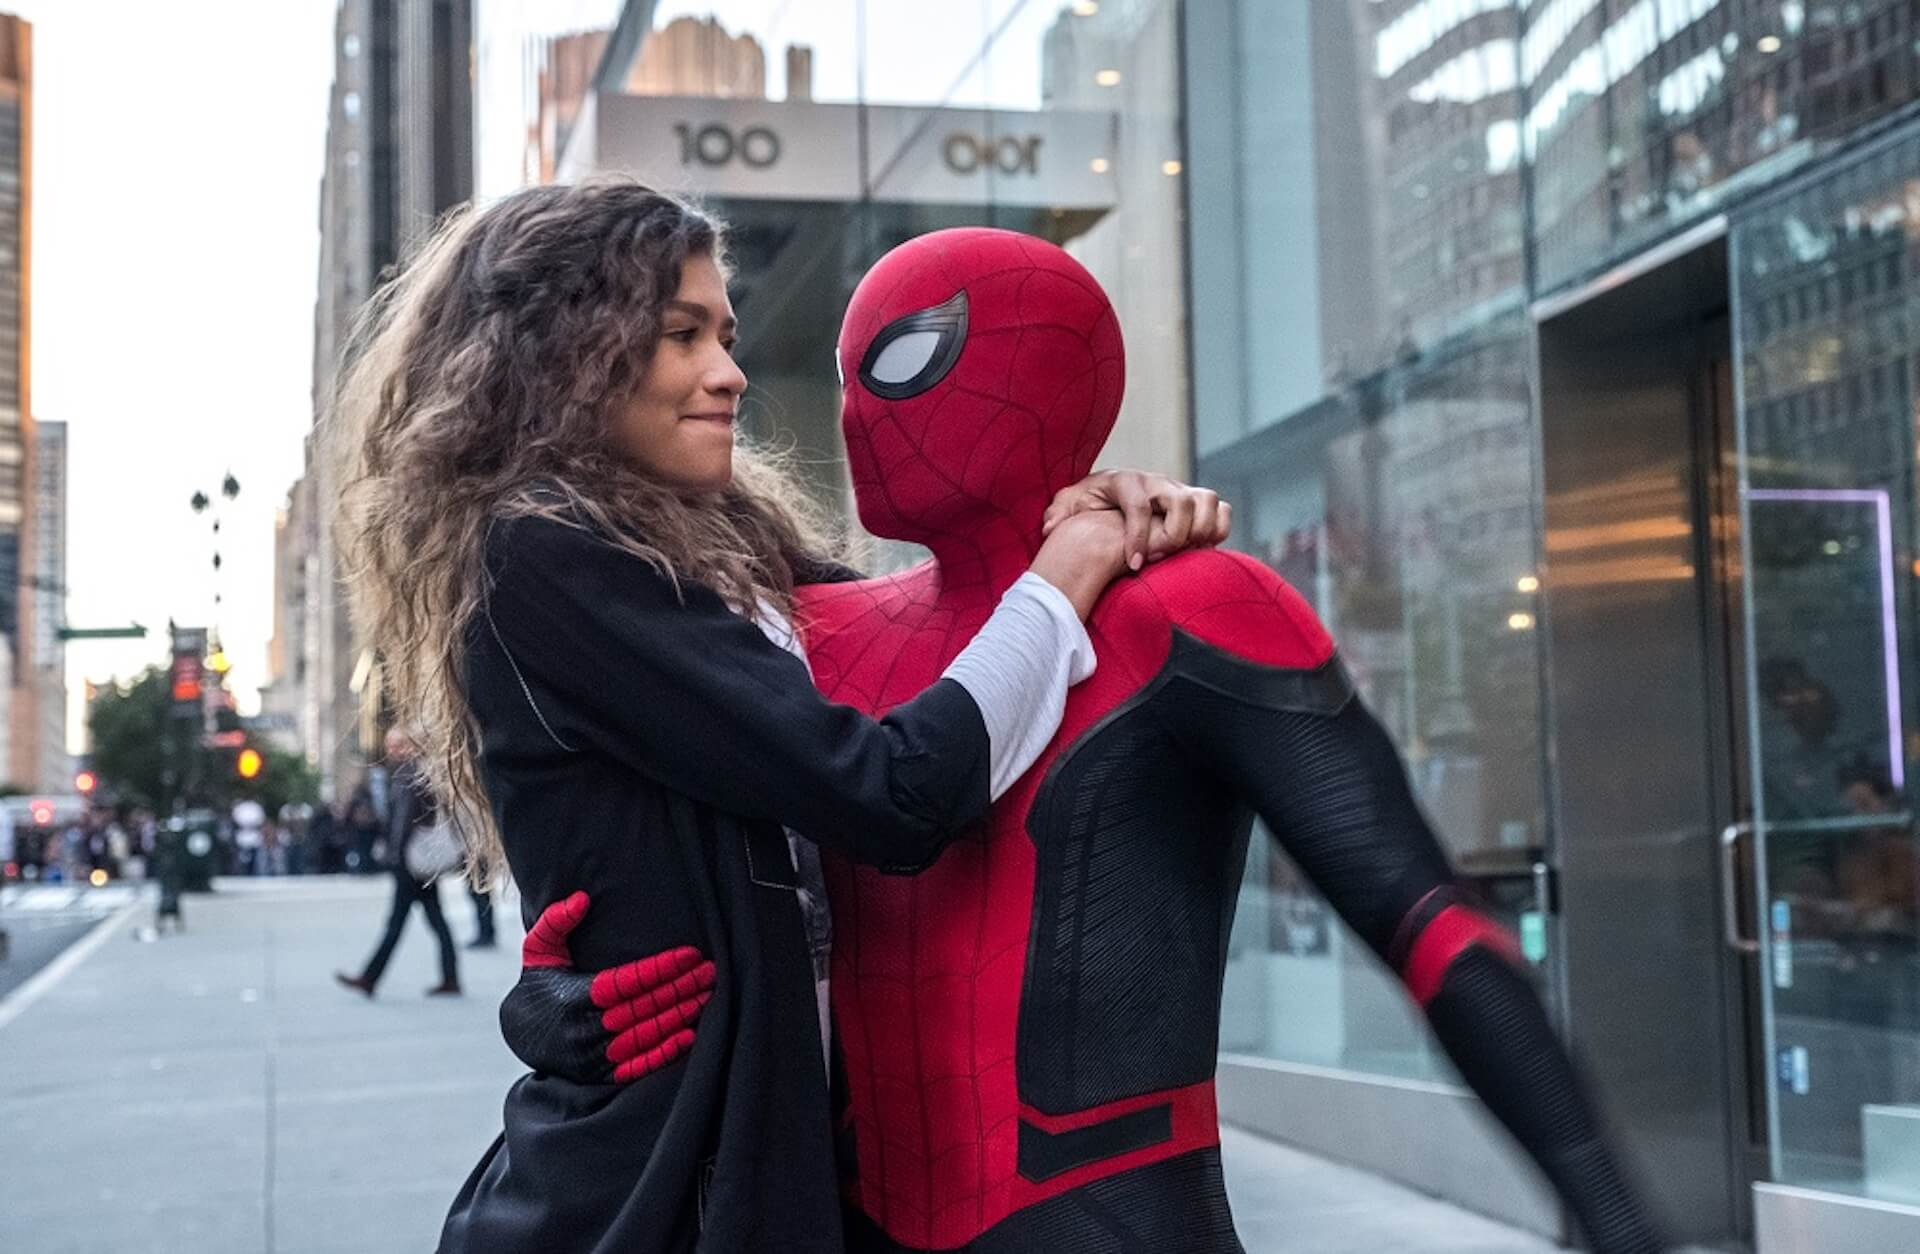 GWはWOWOWで!『スパイダーマン:ファー・フロム・ホーム』『ワンス・アポン・ア・タイム・イン・ハリウッド』など合計40作品が続々登場 film200428_wowow_01